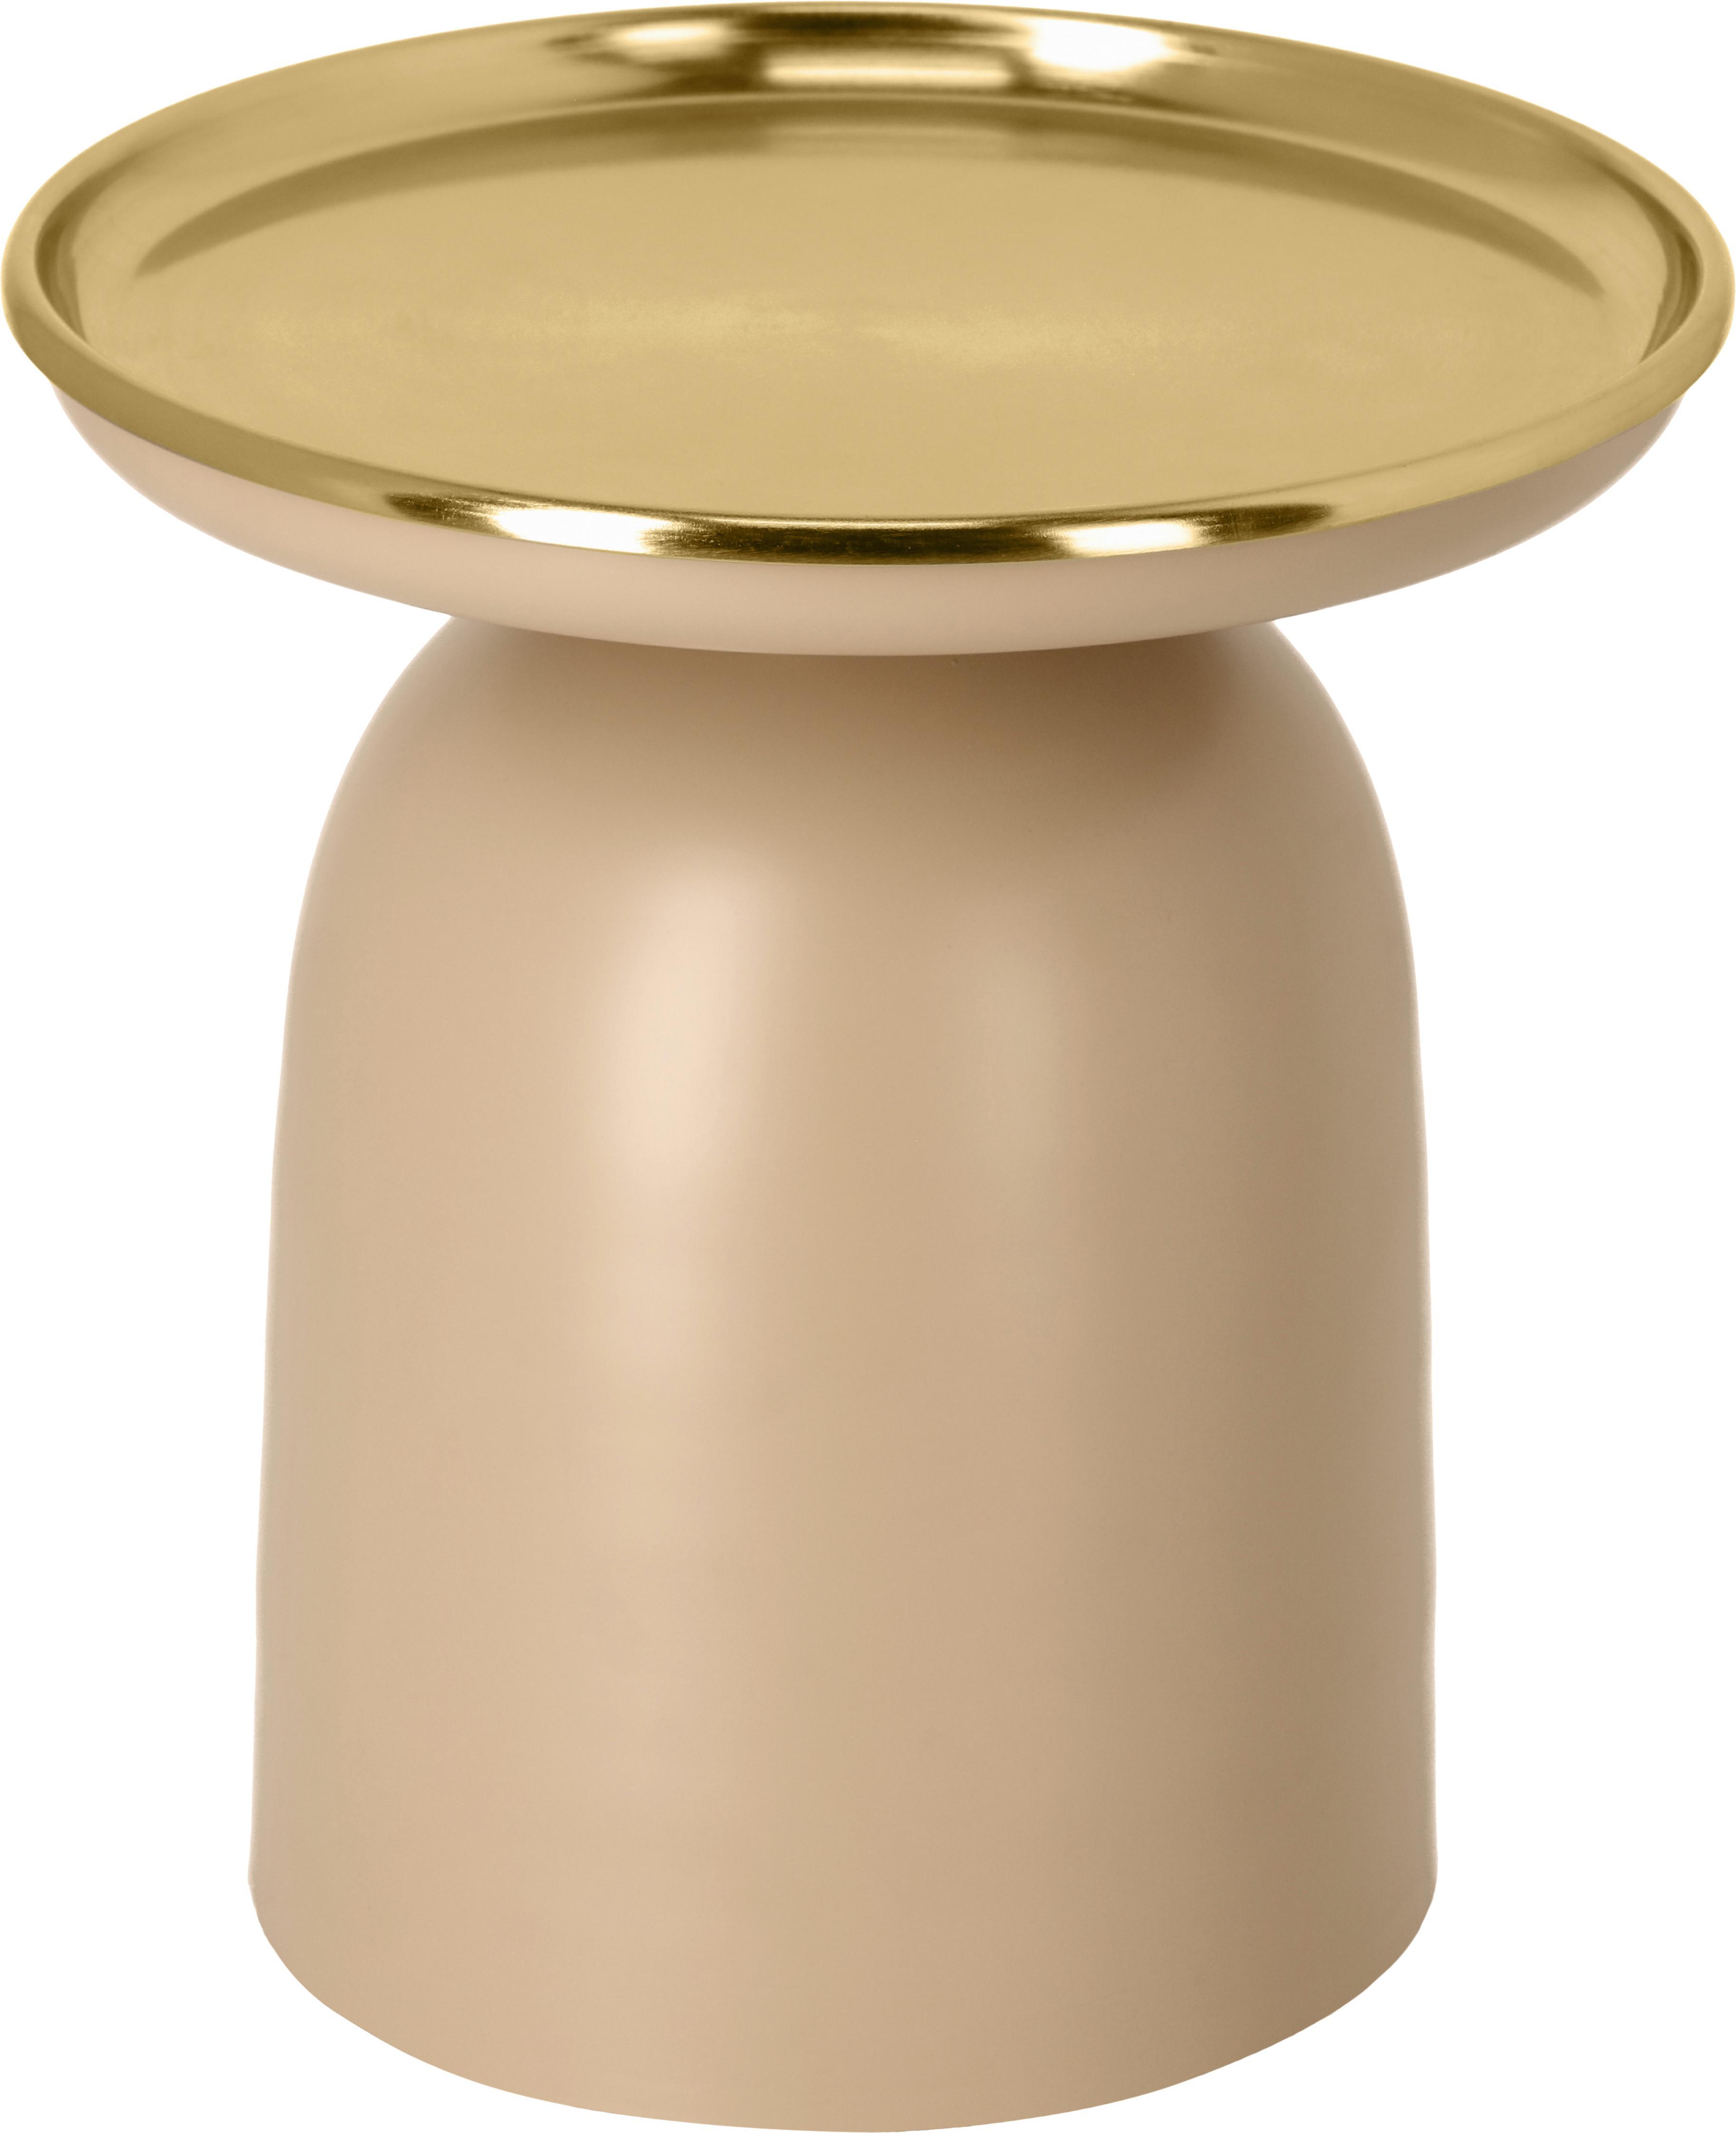 Okrągły stolik pomocniczy Neiva, Metal powlekany, Różowobeżowy, odcienie złotego, Ø 38 x W 39 cm